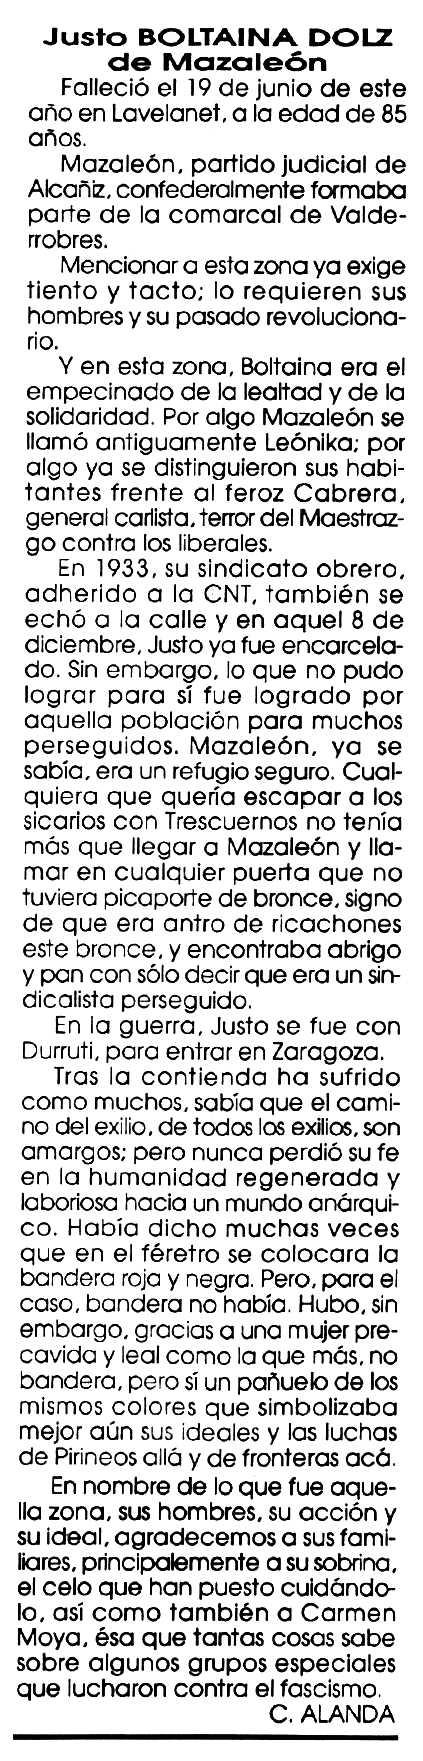 """Necrològica de Justo Boltaina Dolz apareguda en el periòdic tolosà """"Cenit"""" del 17 de setembre de 1991"""